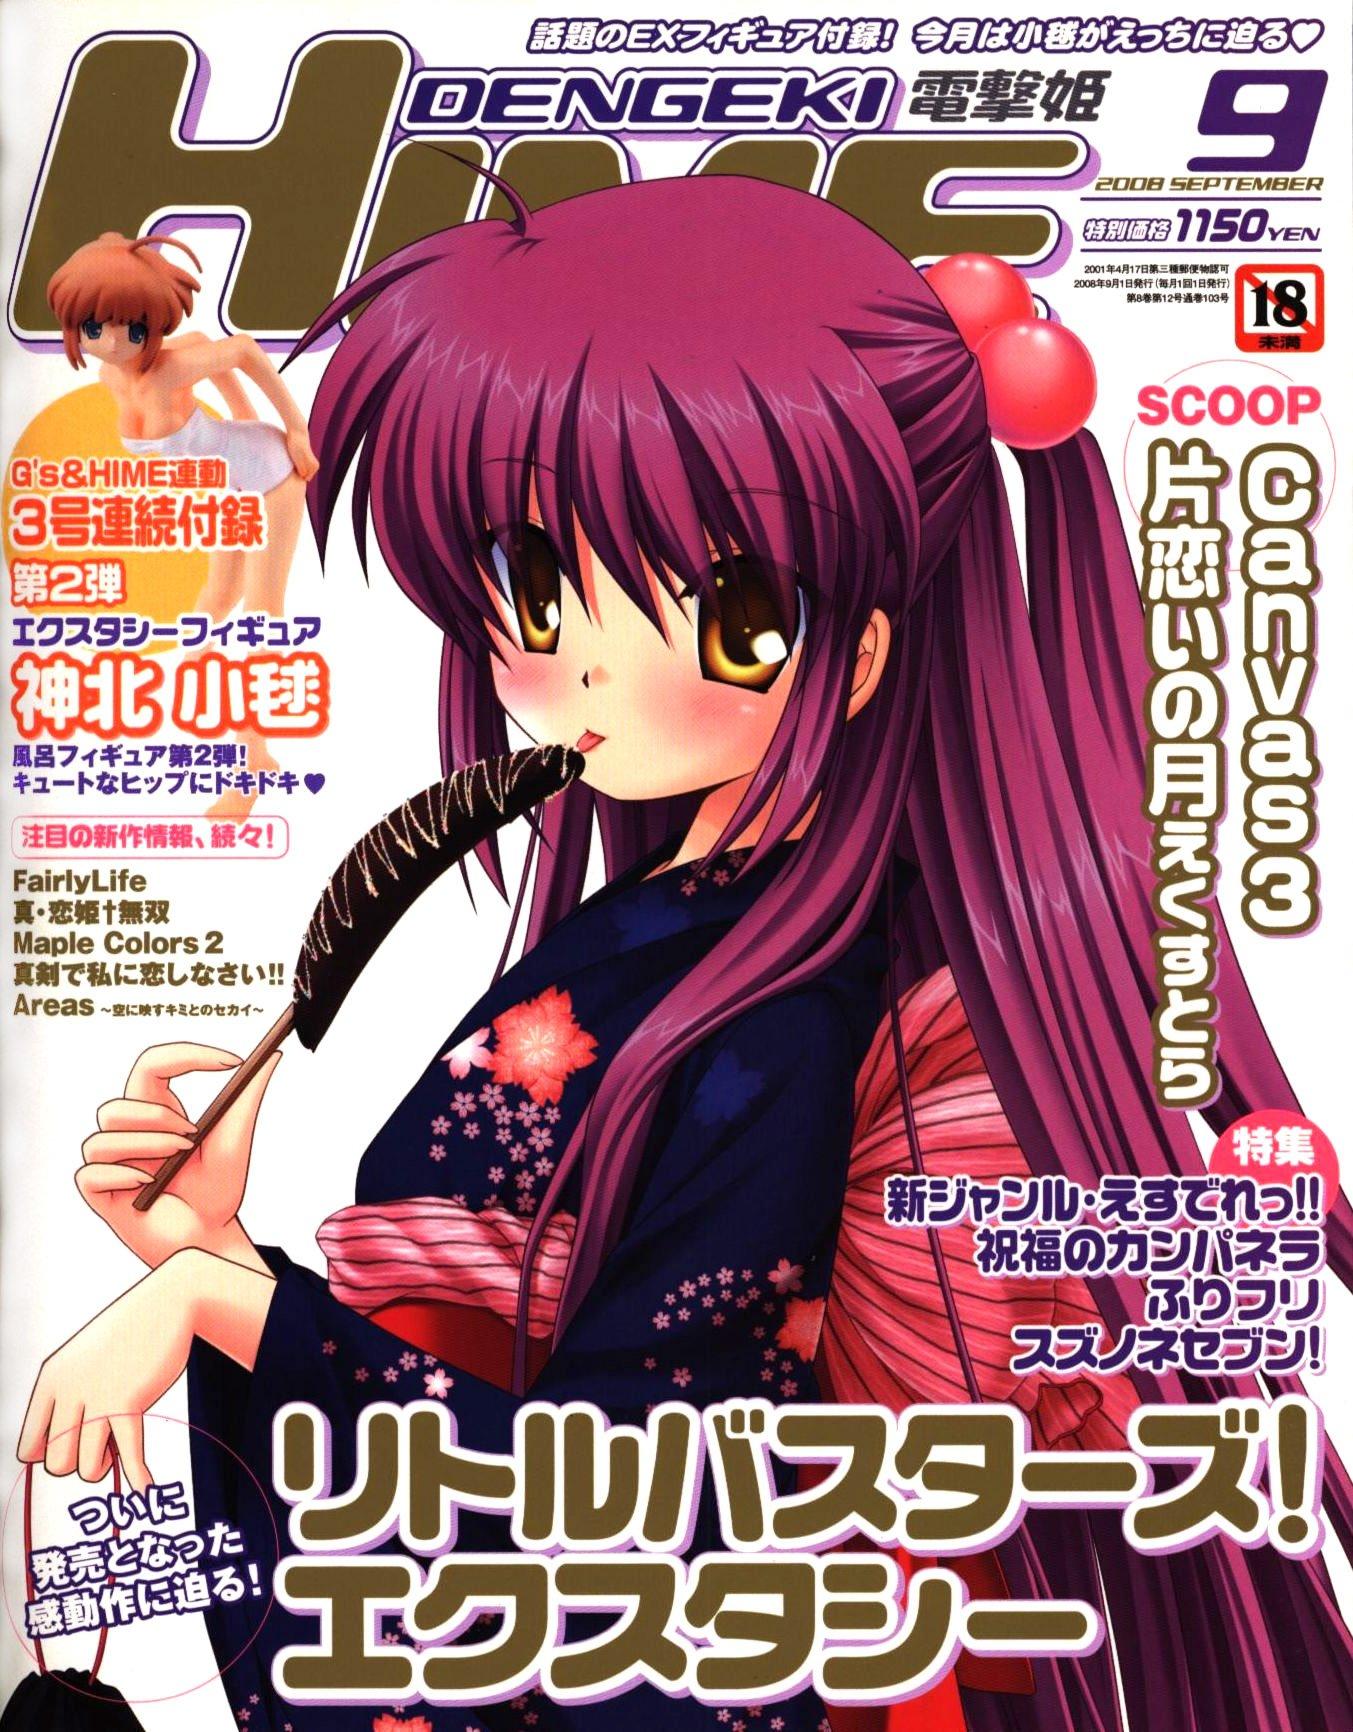 Dengeki Hime Issue 102 (September 2008)